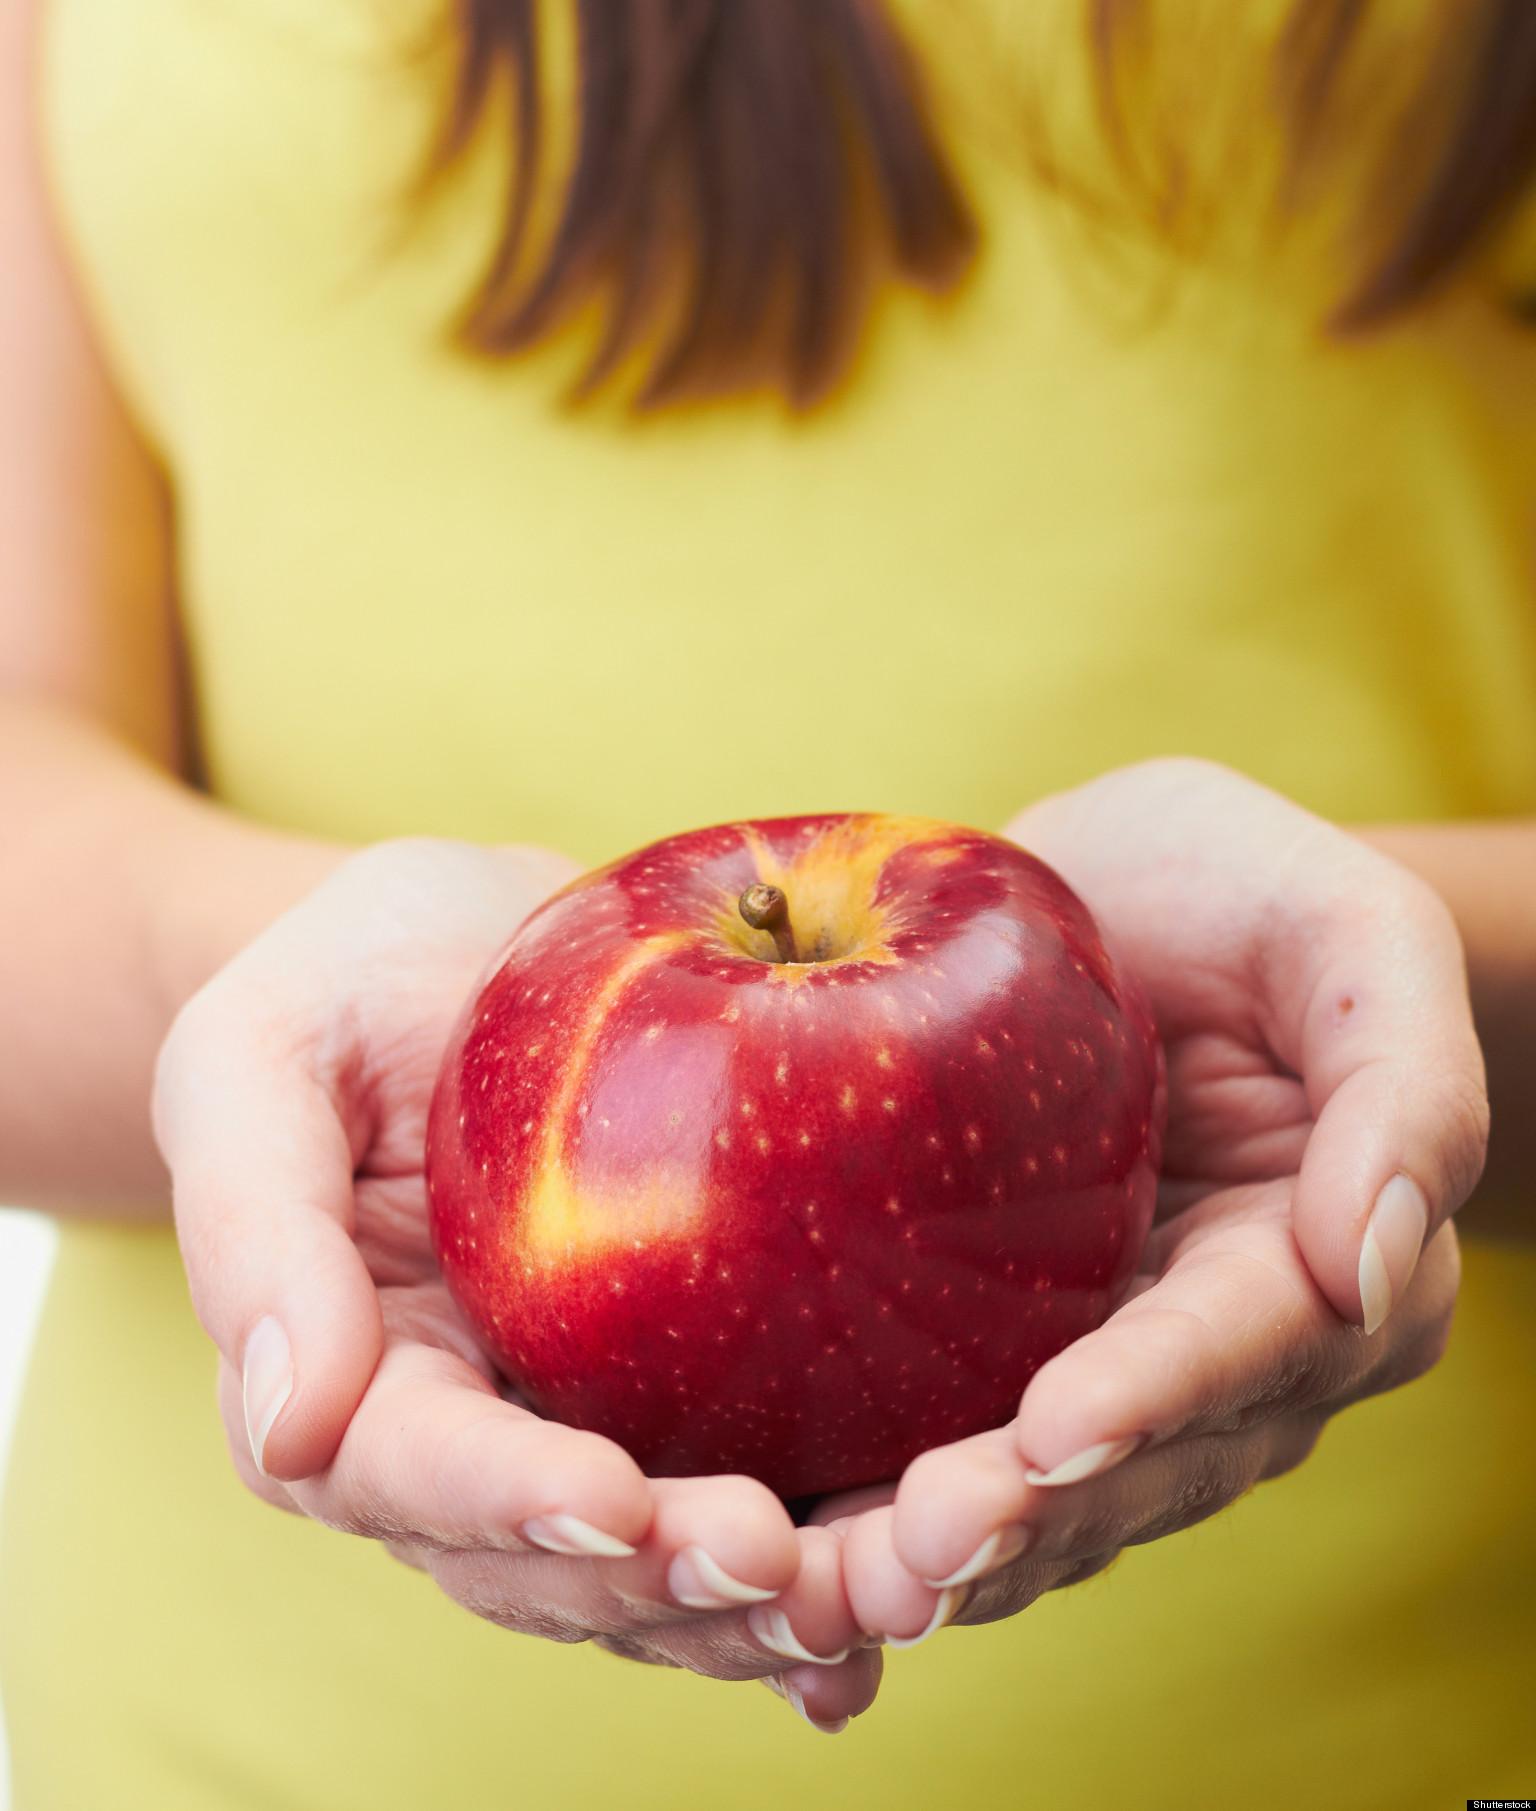 Mes de la Diabetes: Qué alimentos comer y cuáles evitar